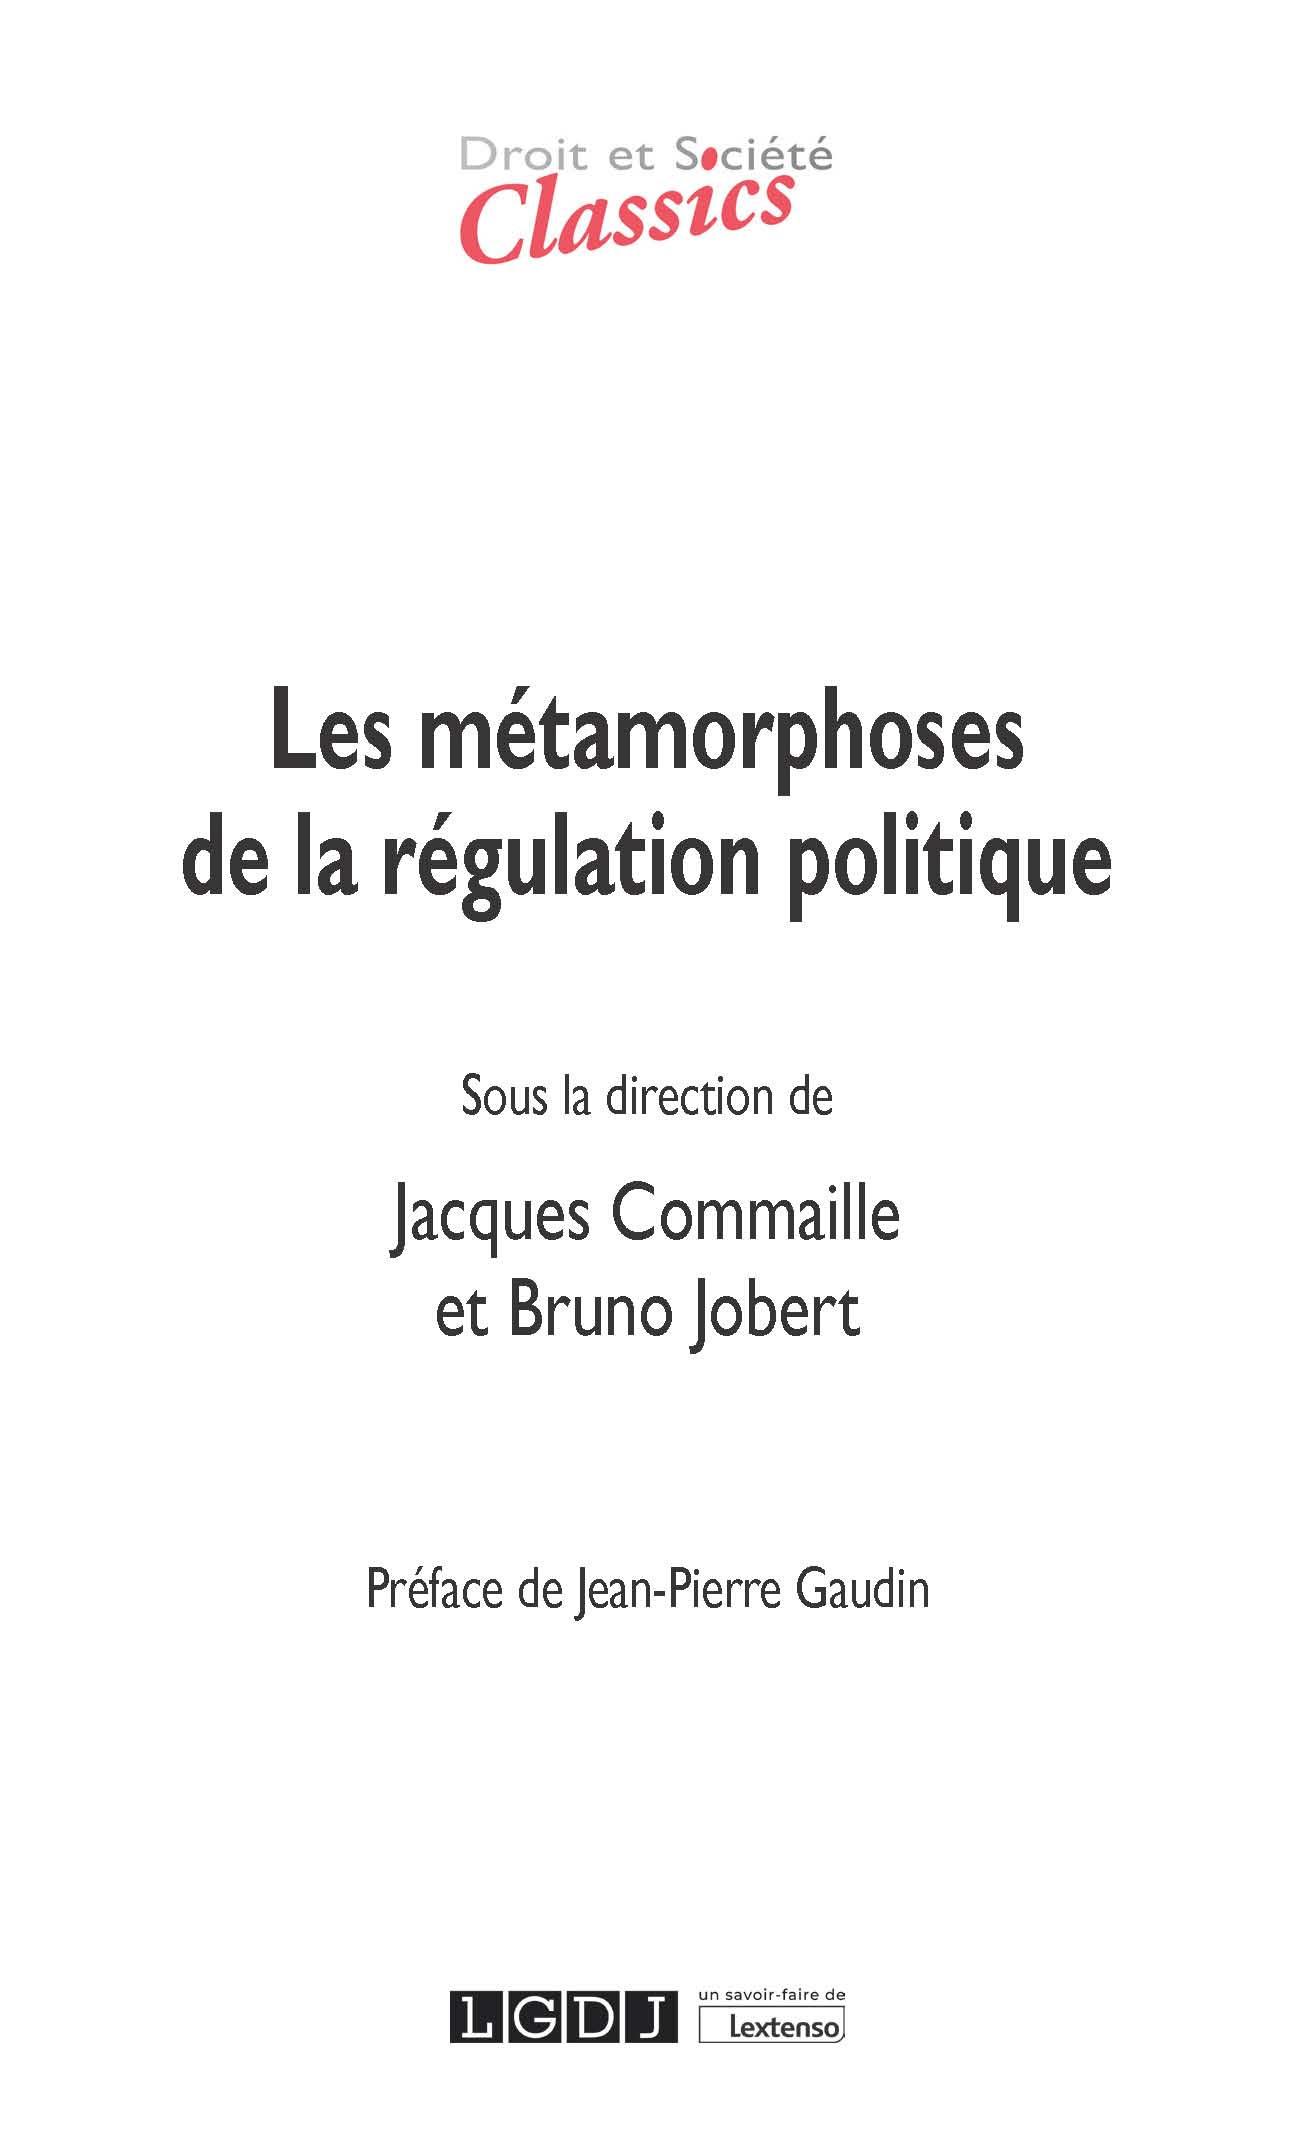 Les métamorphoses de la régulation politique